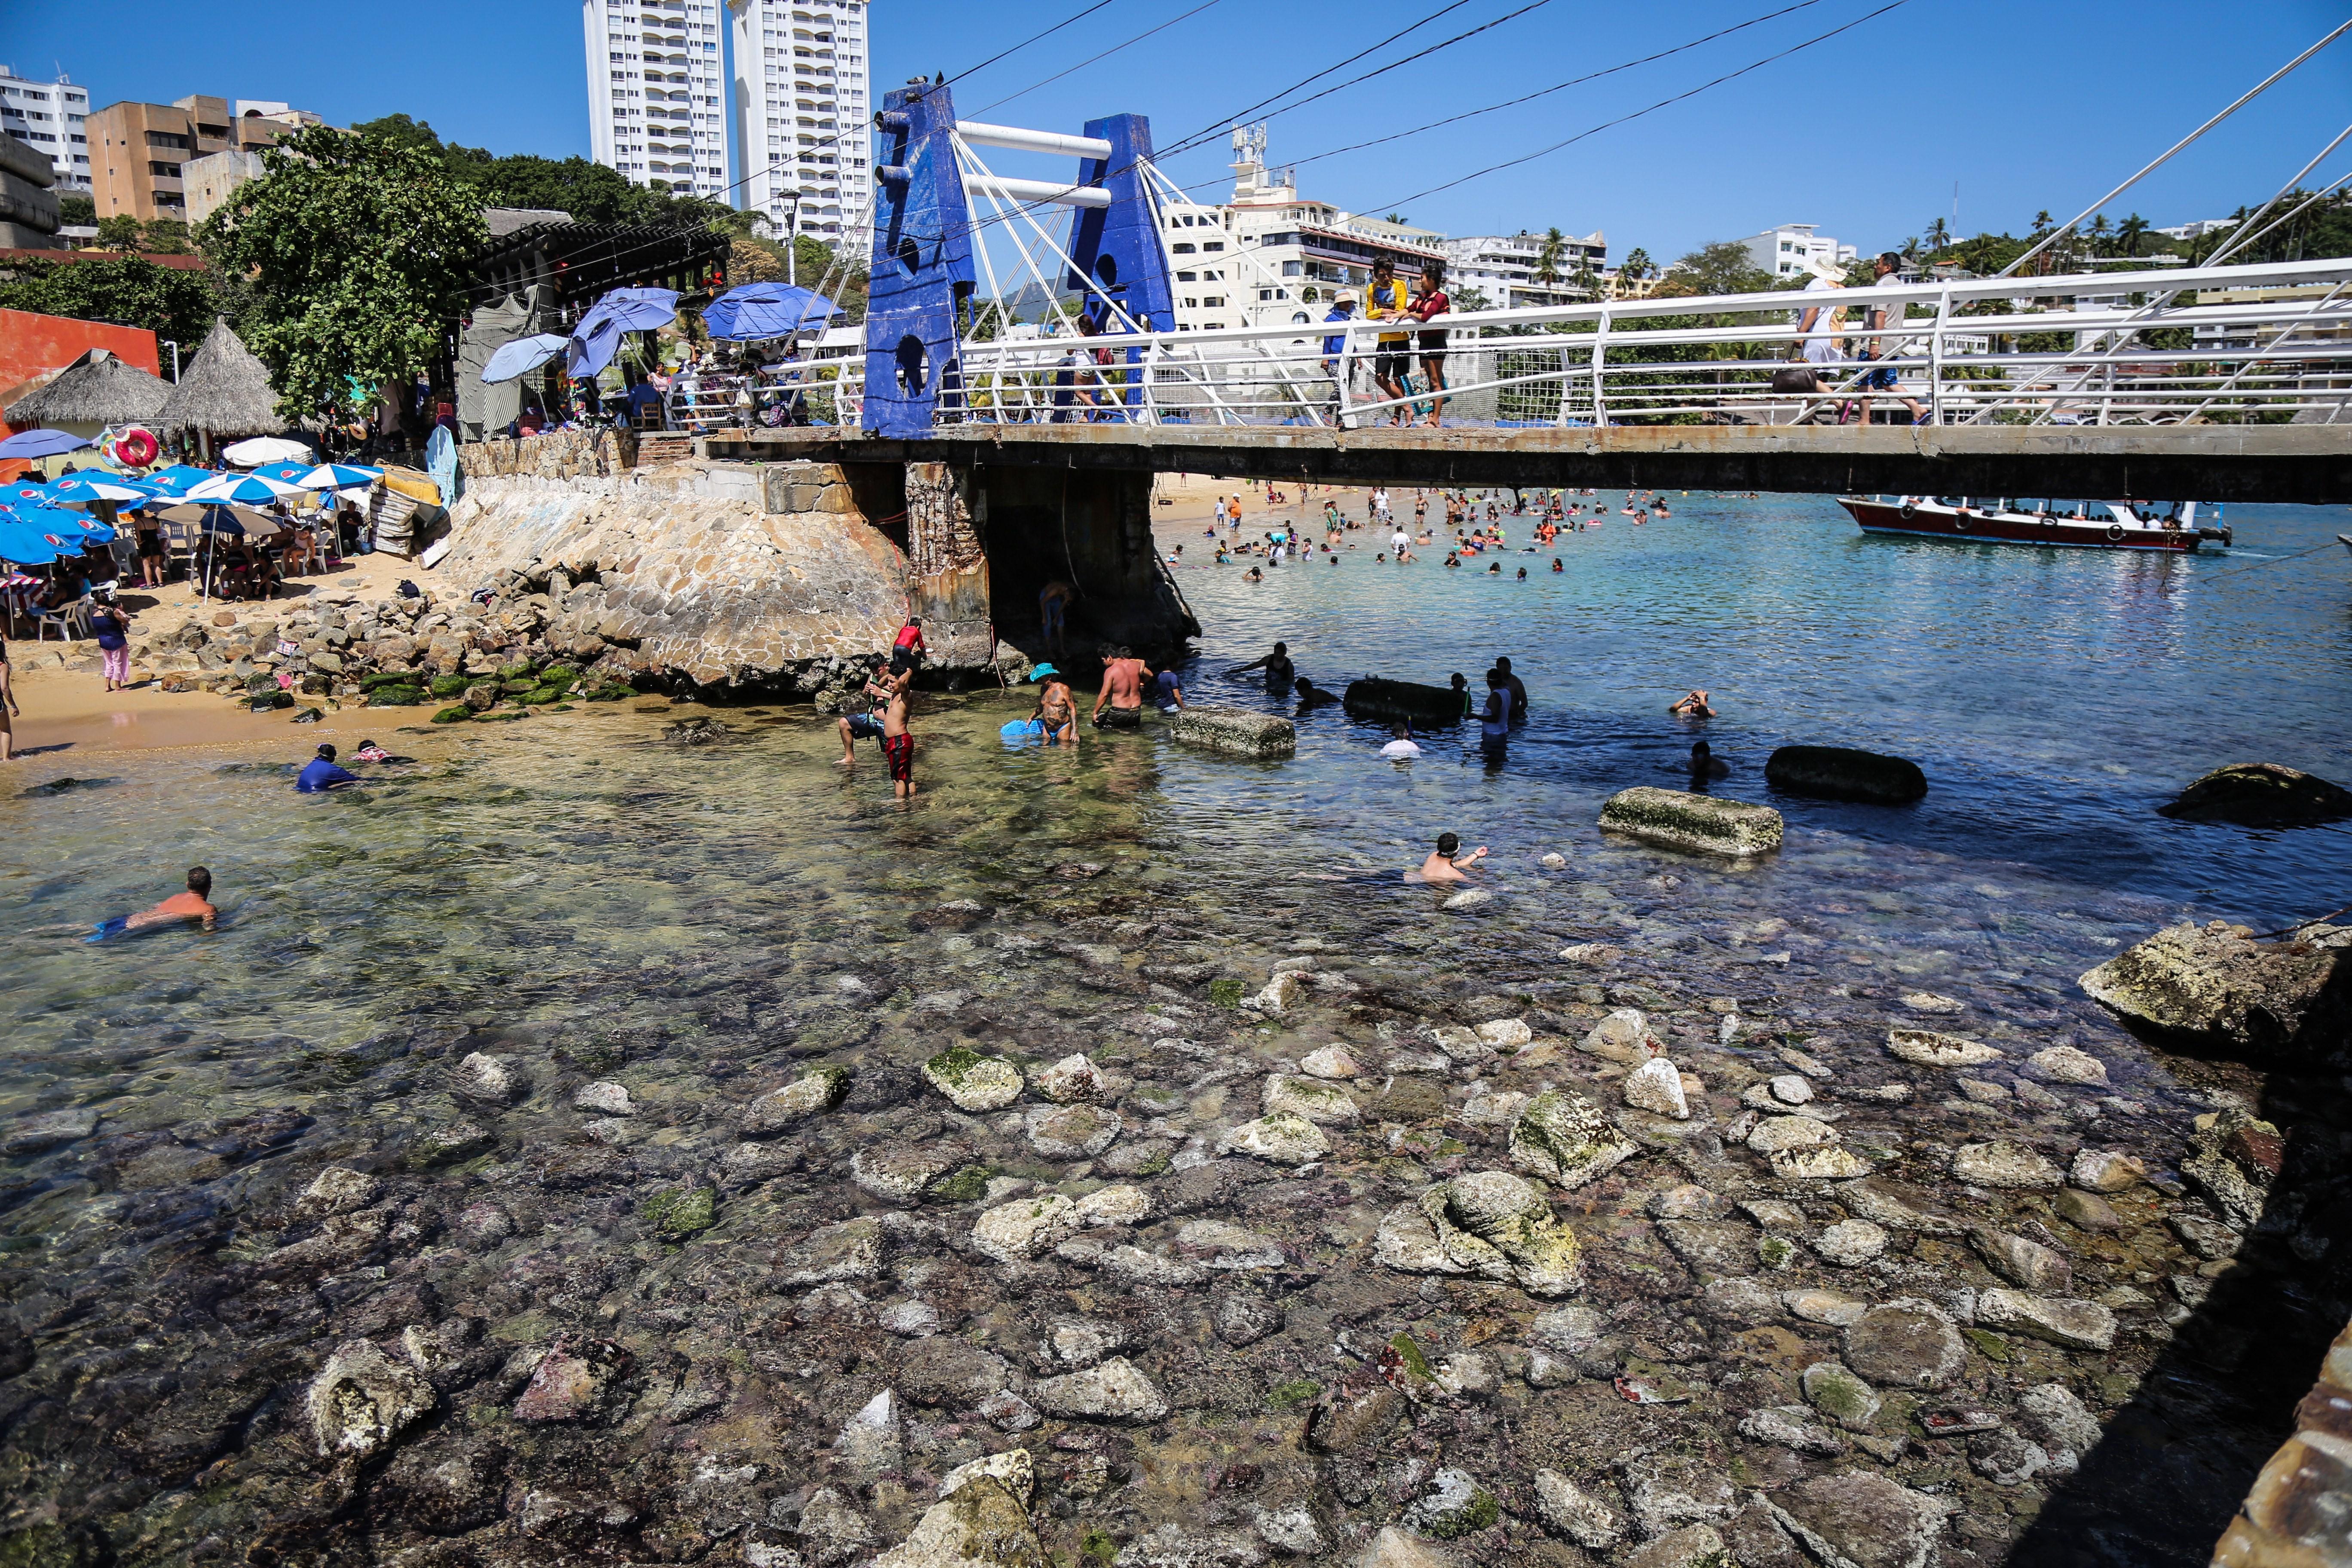 El desplazamiento de las aguas del mar, que despertó curiosidad de los visitantes en algunas zonas de Acapulco, se originó en un sistema anticiclón situado frente a las cosas de California, señaló el meteorólogo mexicano Roel Ayala Mata, director de monitoreo y análisis de riesgos de la oficina.